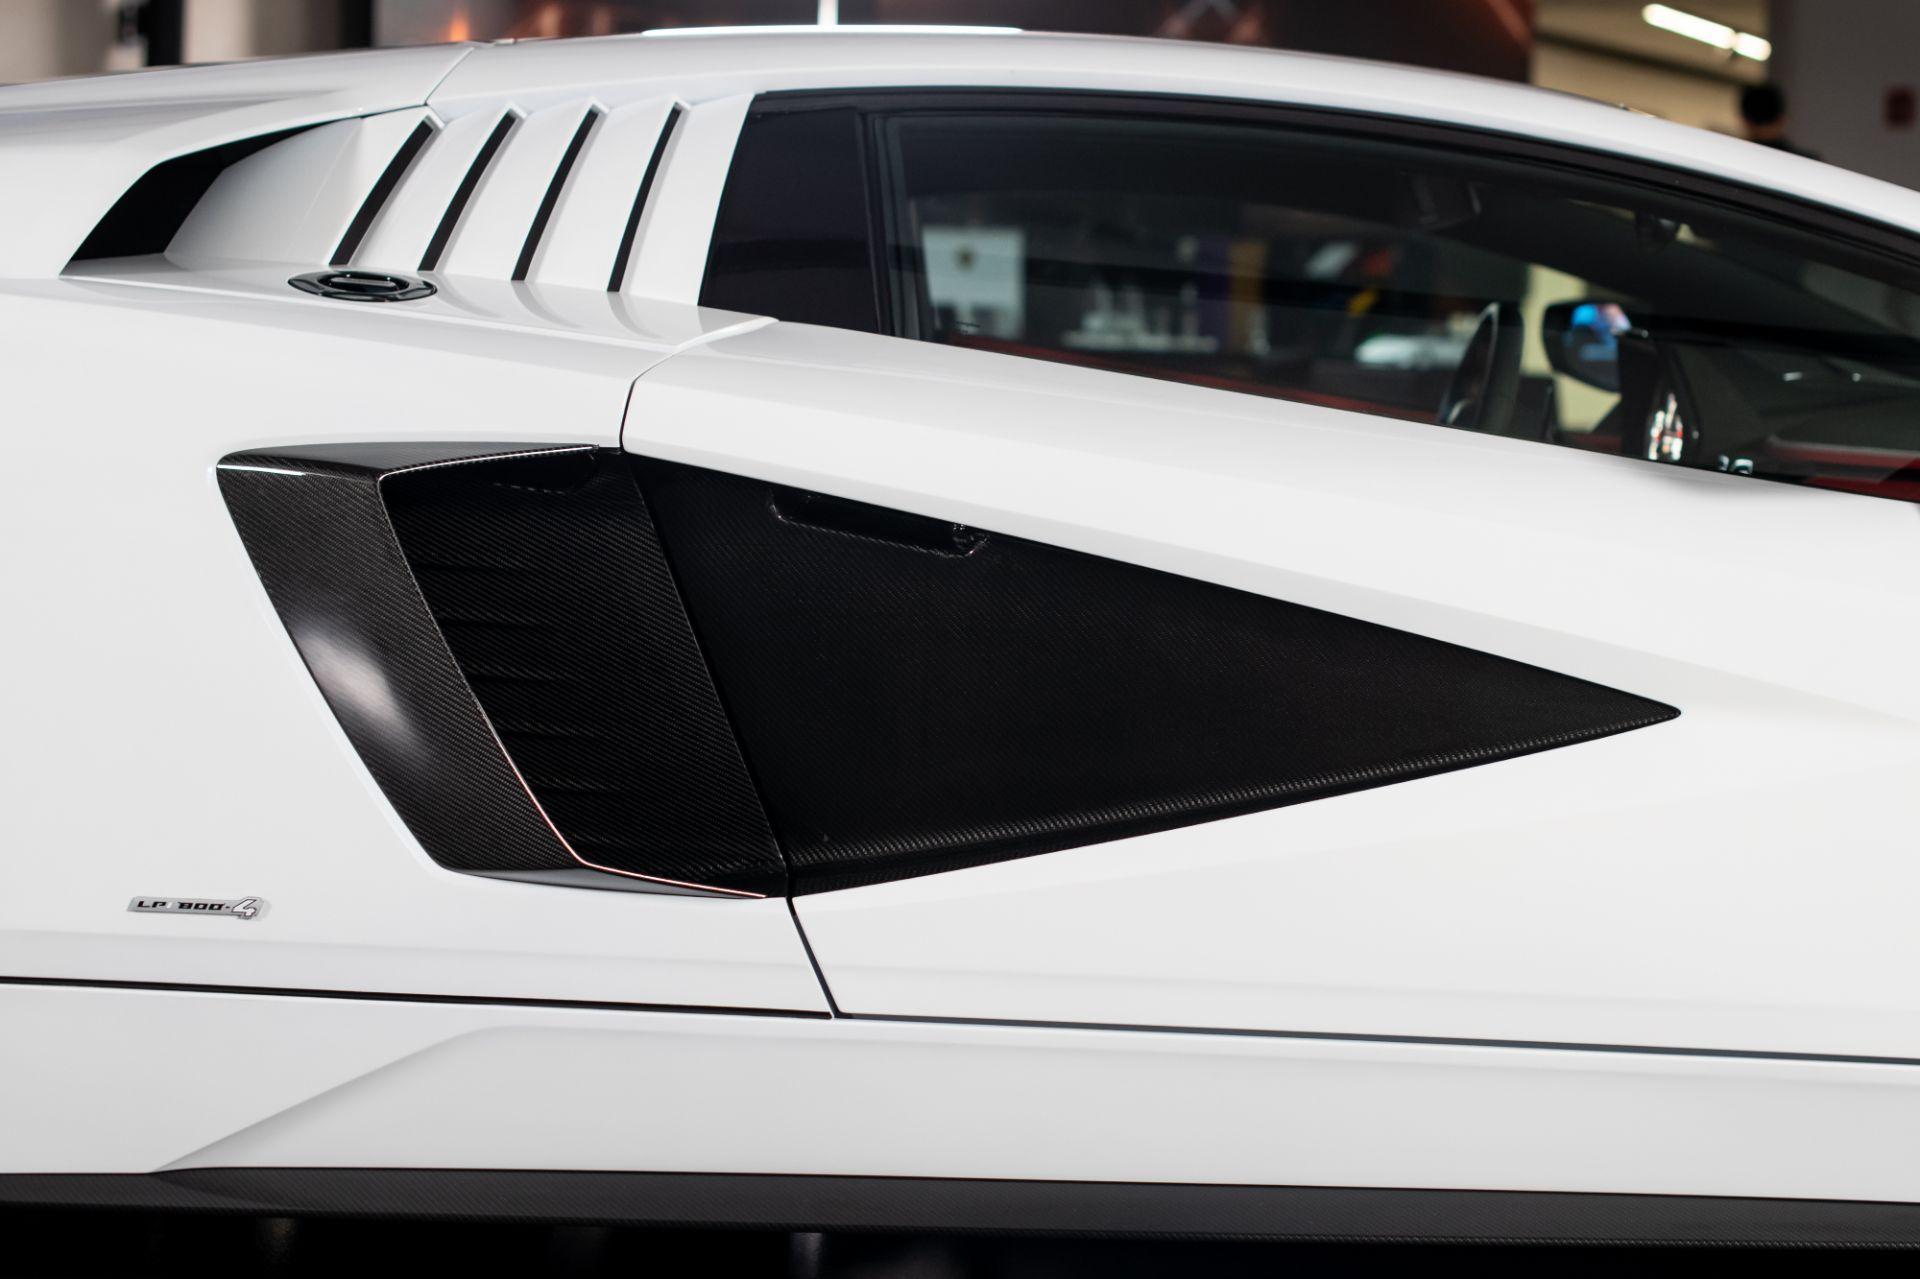 Lamborghini-Countach-LPI-800-4-47